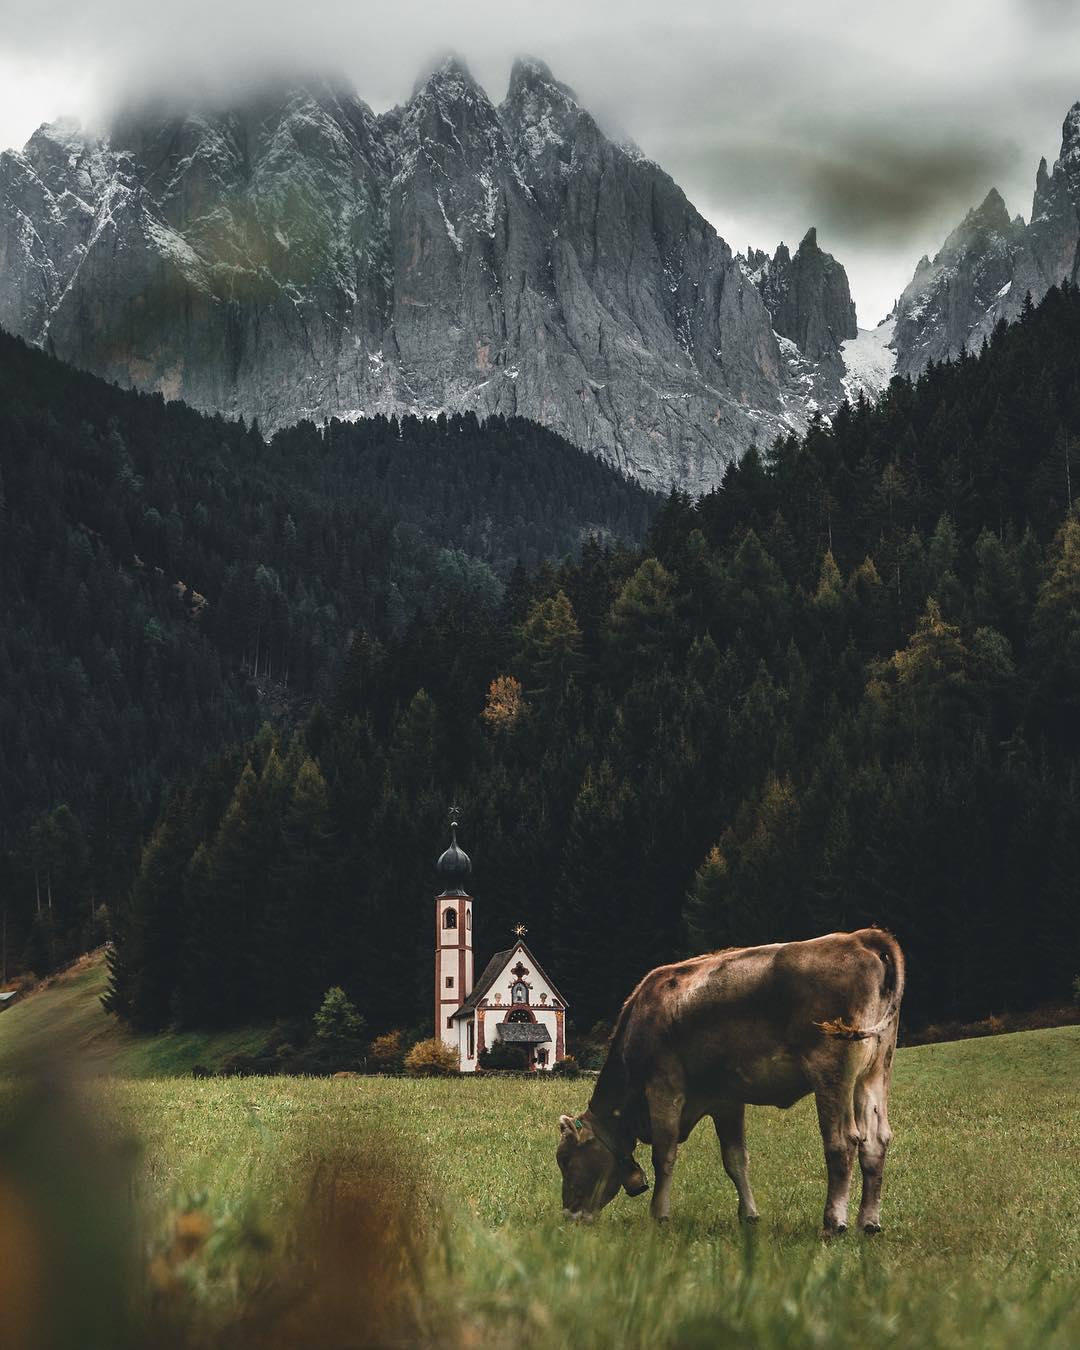 Приголомшливі подорожі і пейзажі на знімках Янни Лааксо